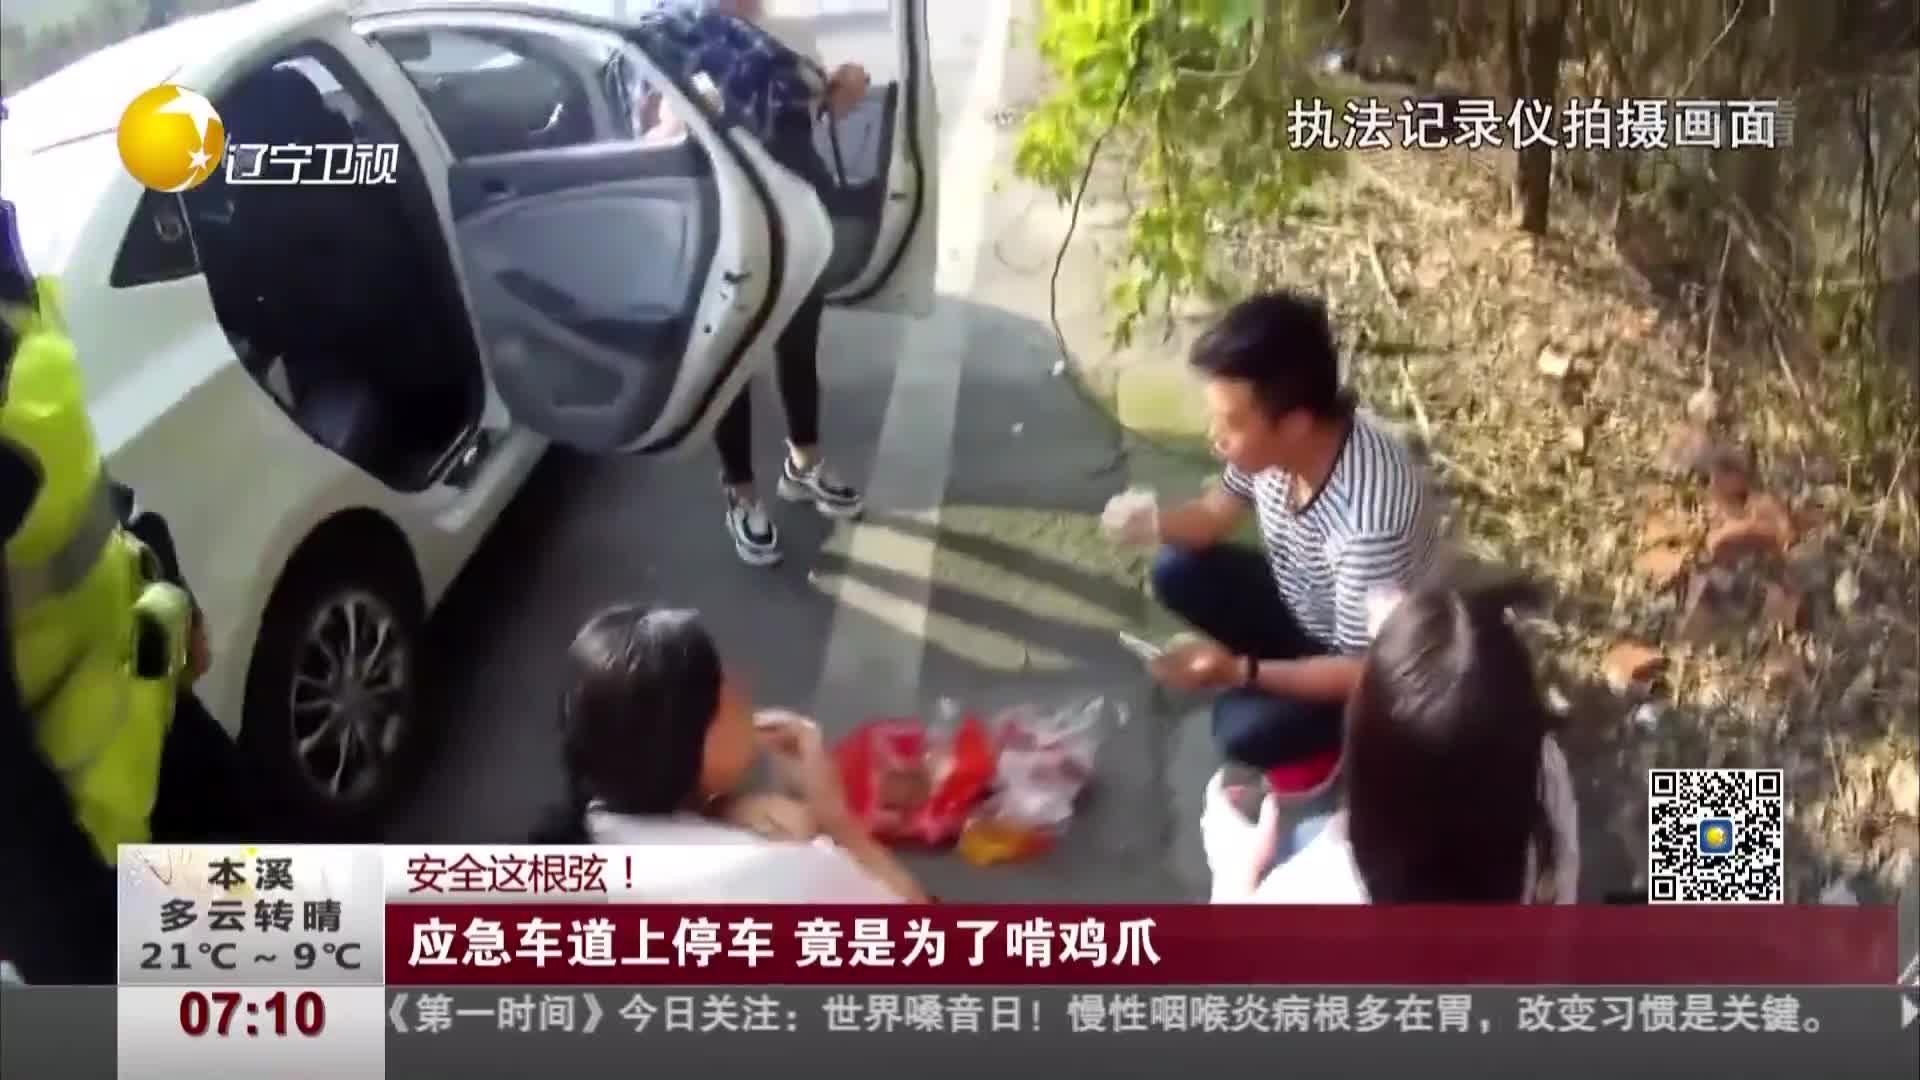 [视频]应急车道上停车 竟是为了啃鸡爪